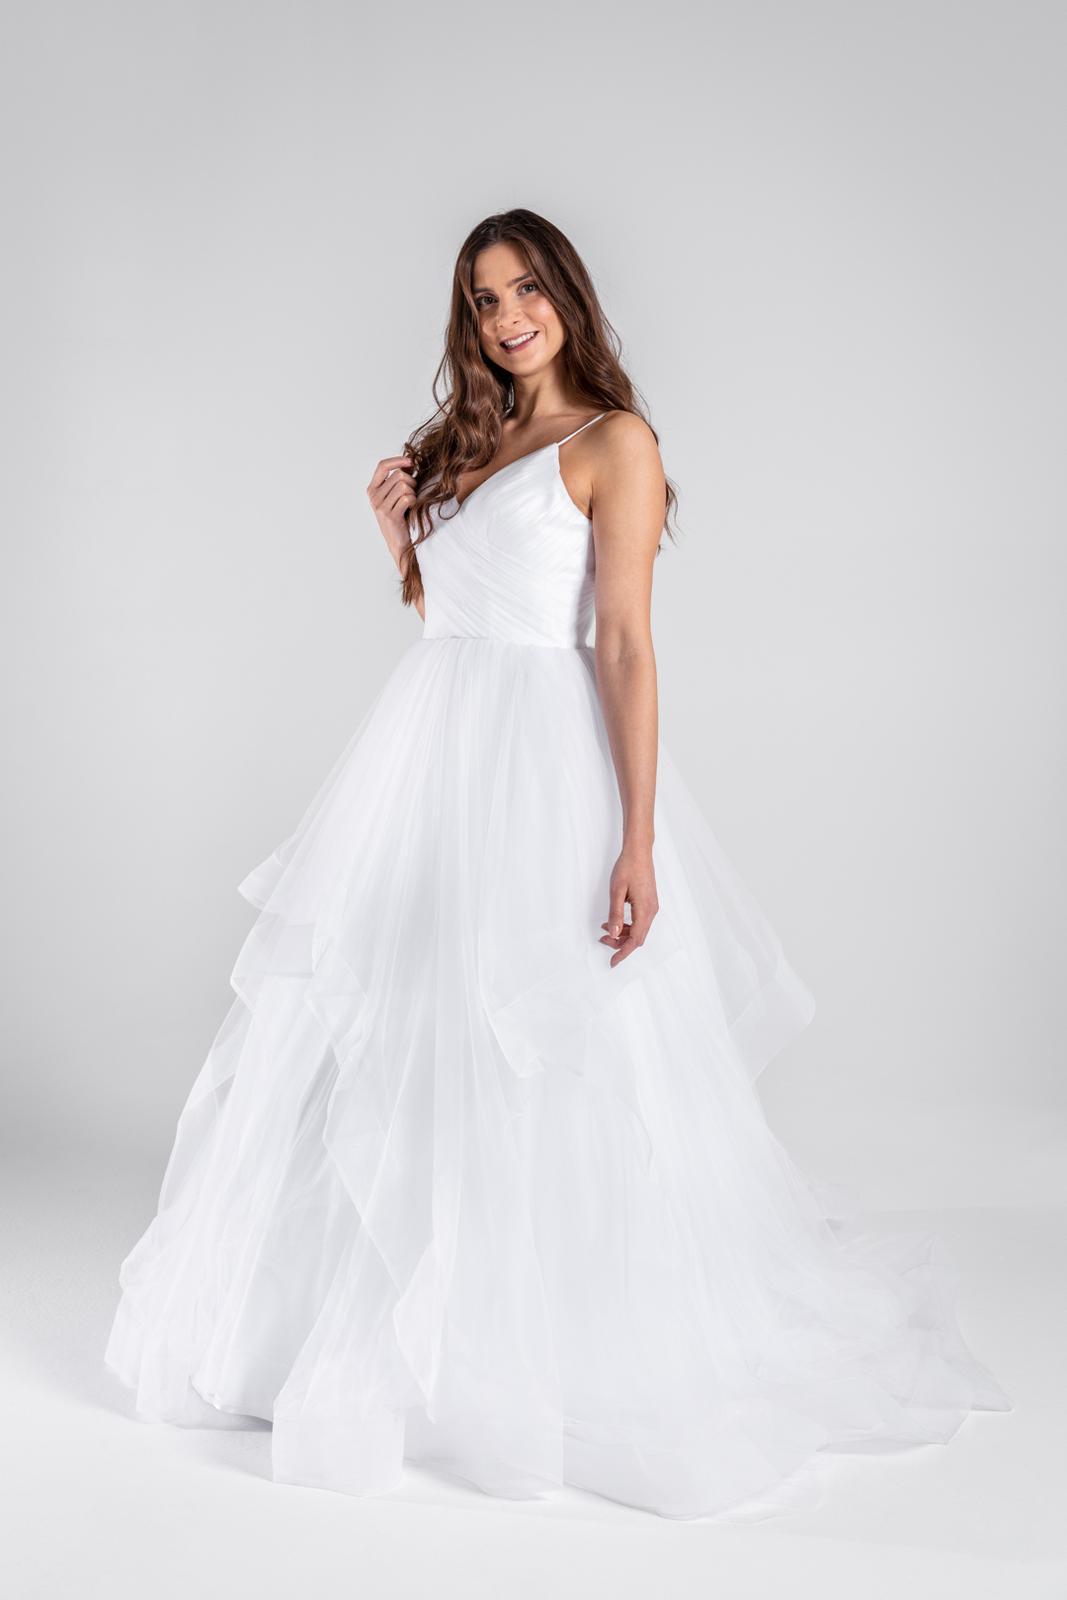 Svatební šaty s nadýchanou sukní 34-38 - Obrázek č. 1